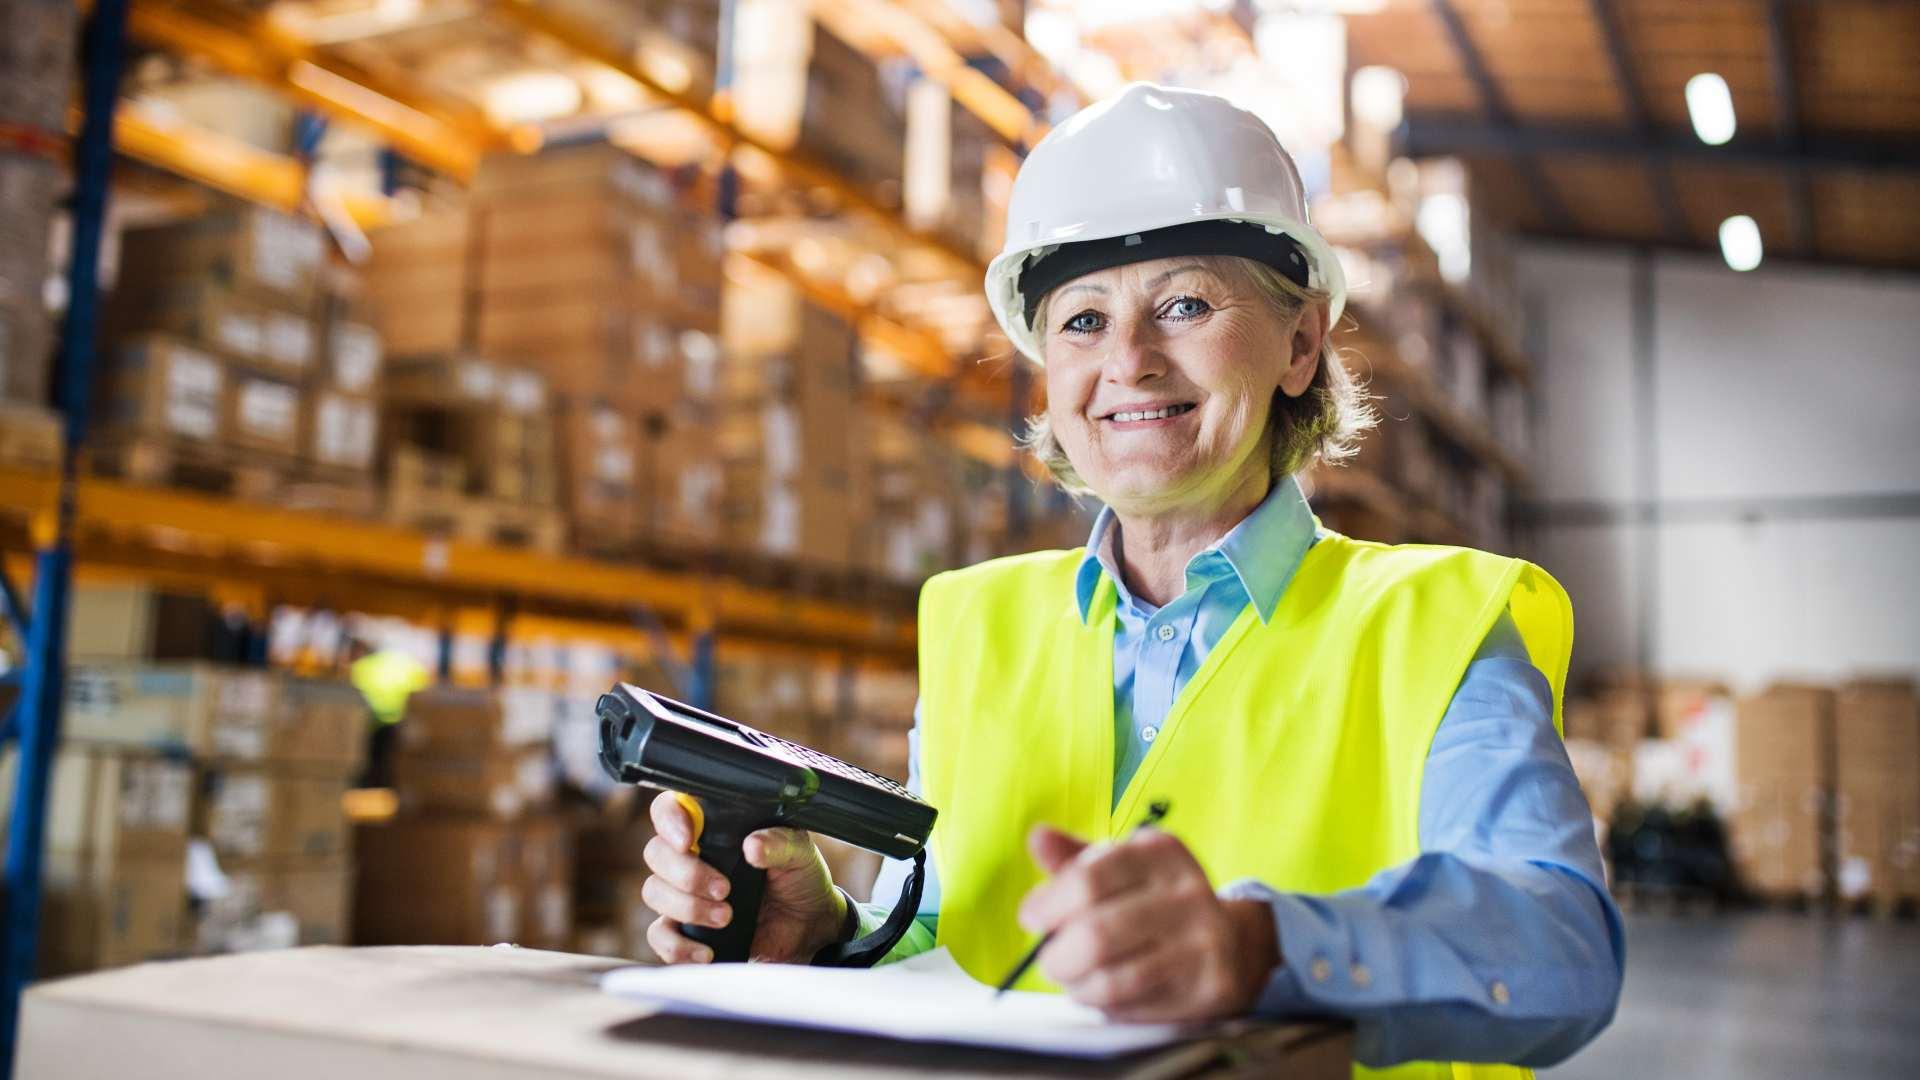 Starejša delavka - Usposabljanje za varnost in zdravje pri delu